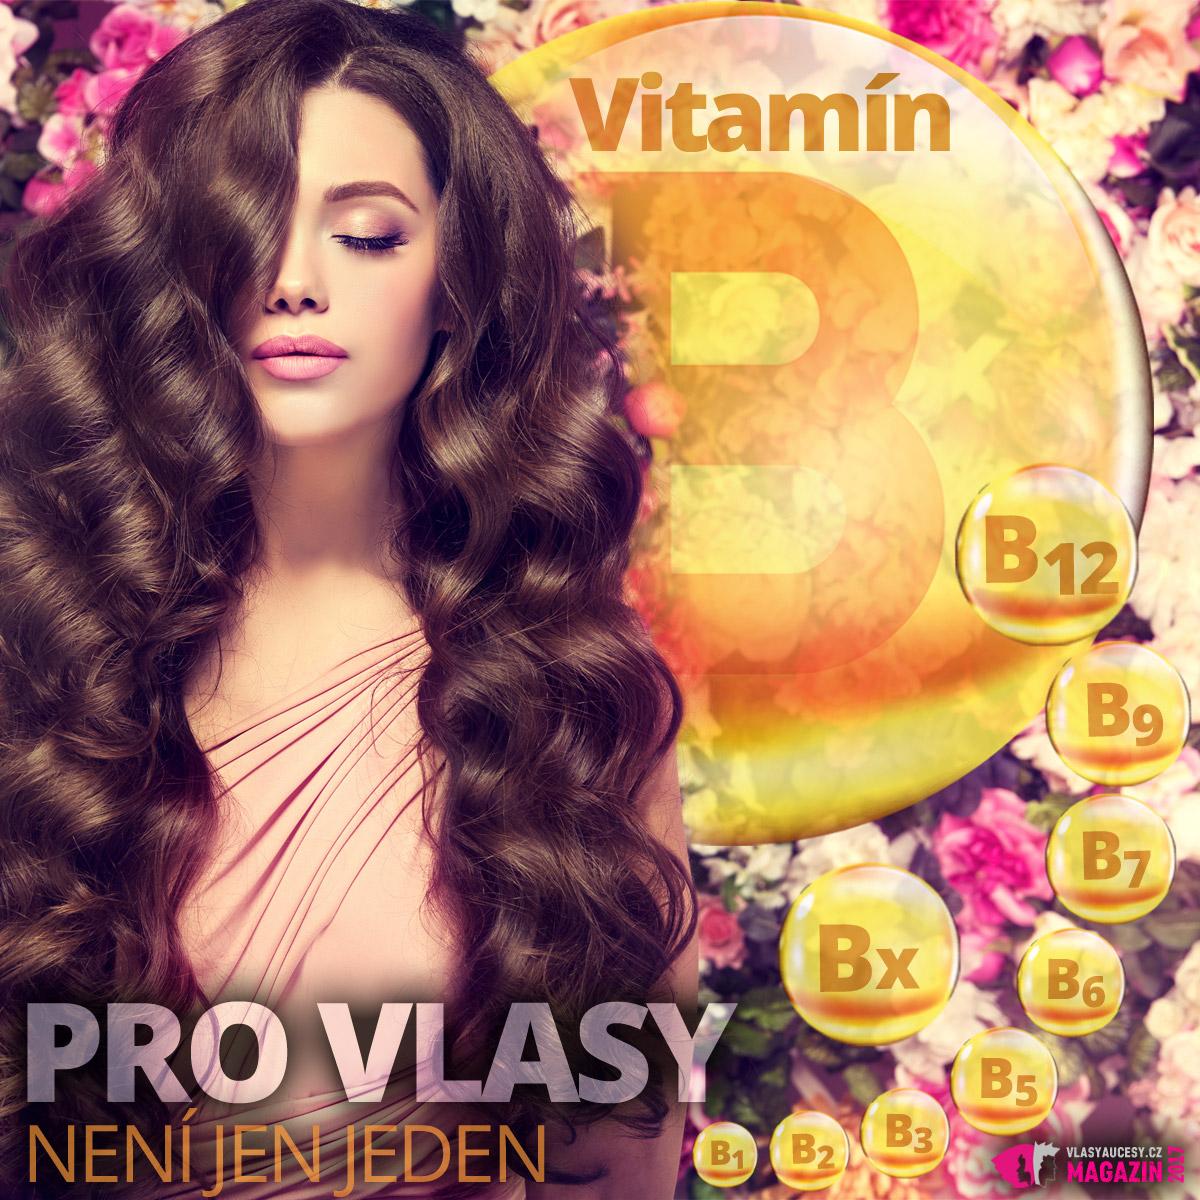 Vitamín B pro vlasy není jen jeden. Pro vlasy je důležitý thiamin (vitamín B1), riboflavin (vitamín B2), niacin (vitamín B3), kyselina pantotenová (vitamín B5), pyridoxin (vitamín B6), biotin (vitamín B7), kyselina listová (vitamín B9), kobalamin (vitamín B12) i kyselina para-aminobenzoová (PABA –Bx).